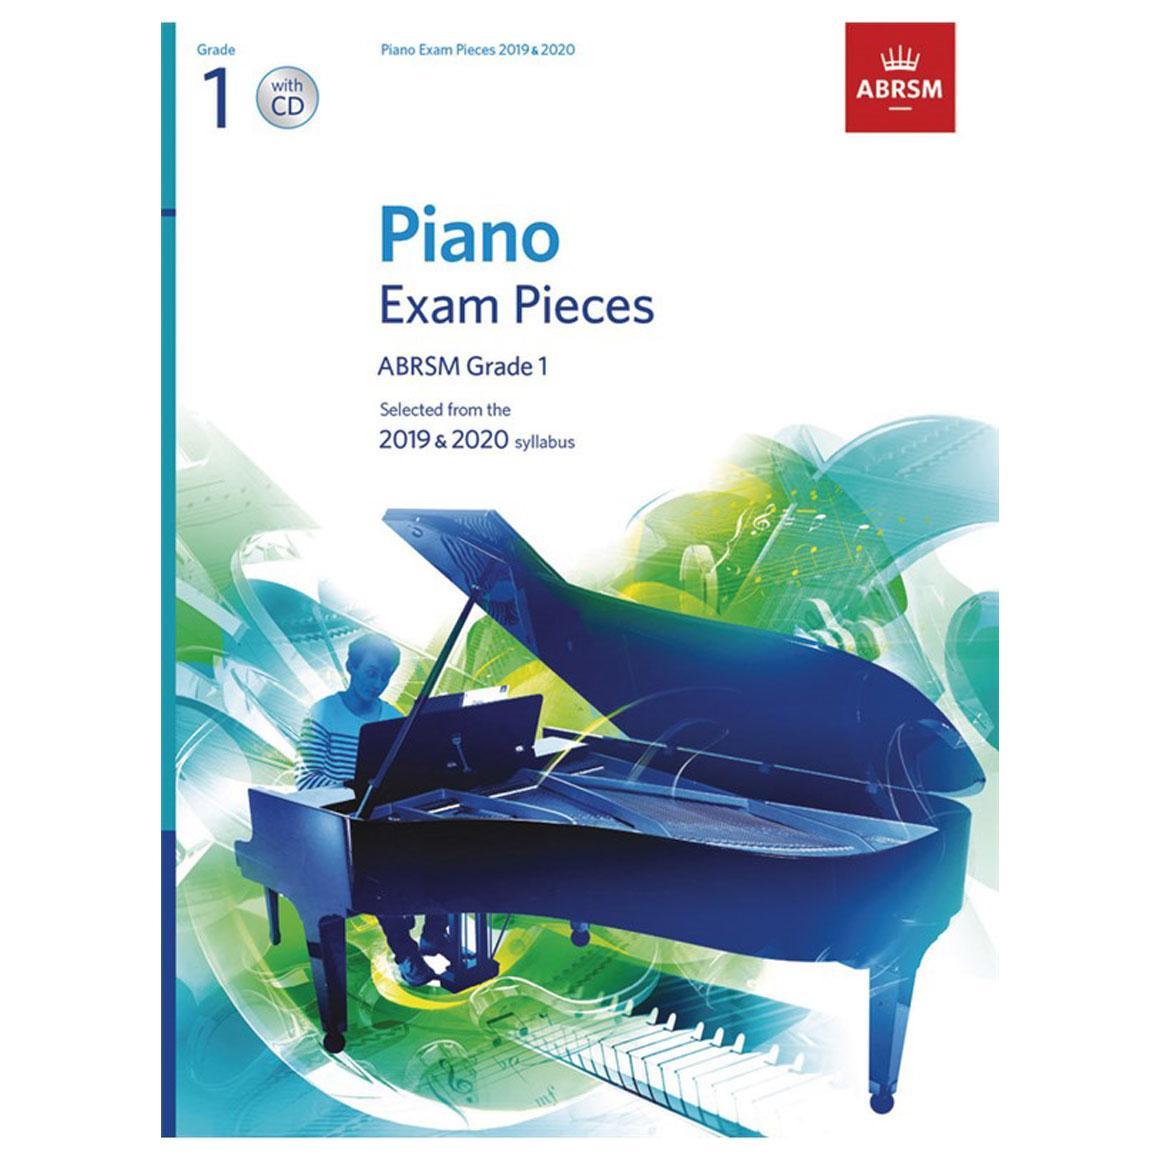 ABRSM Piano Exam Pieces 2019 2020 - Grade 1 (Book and CD)